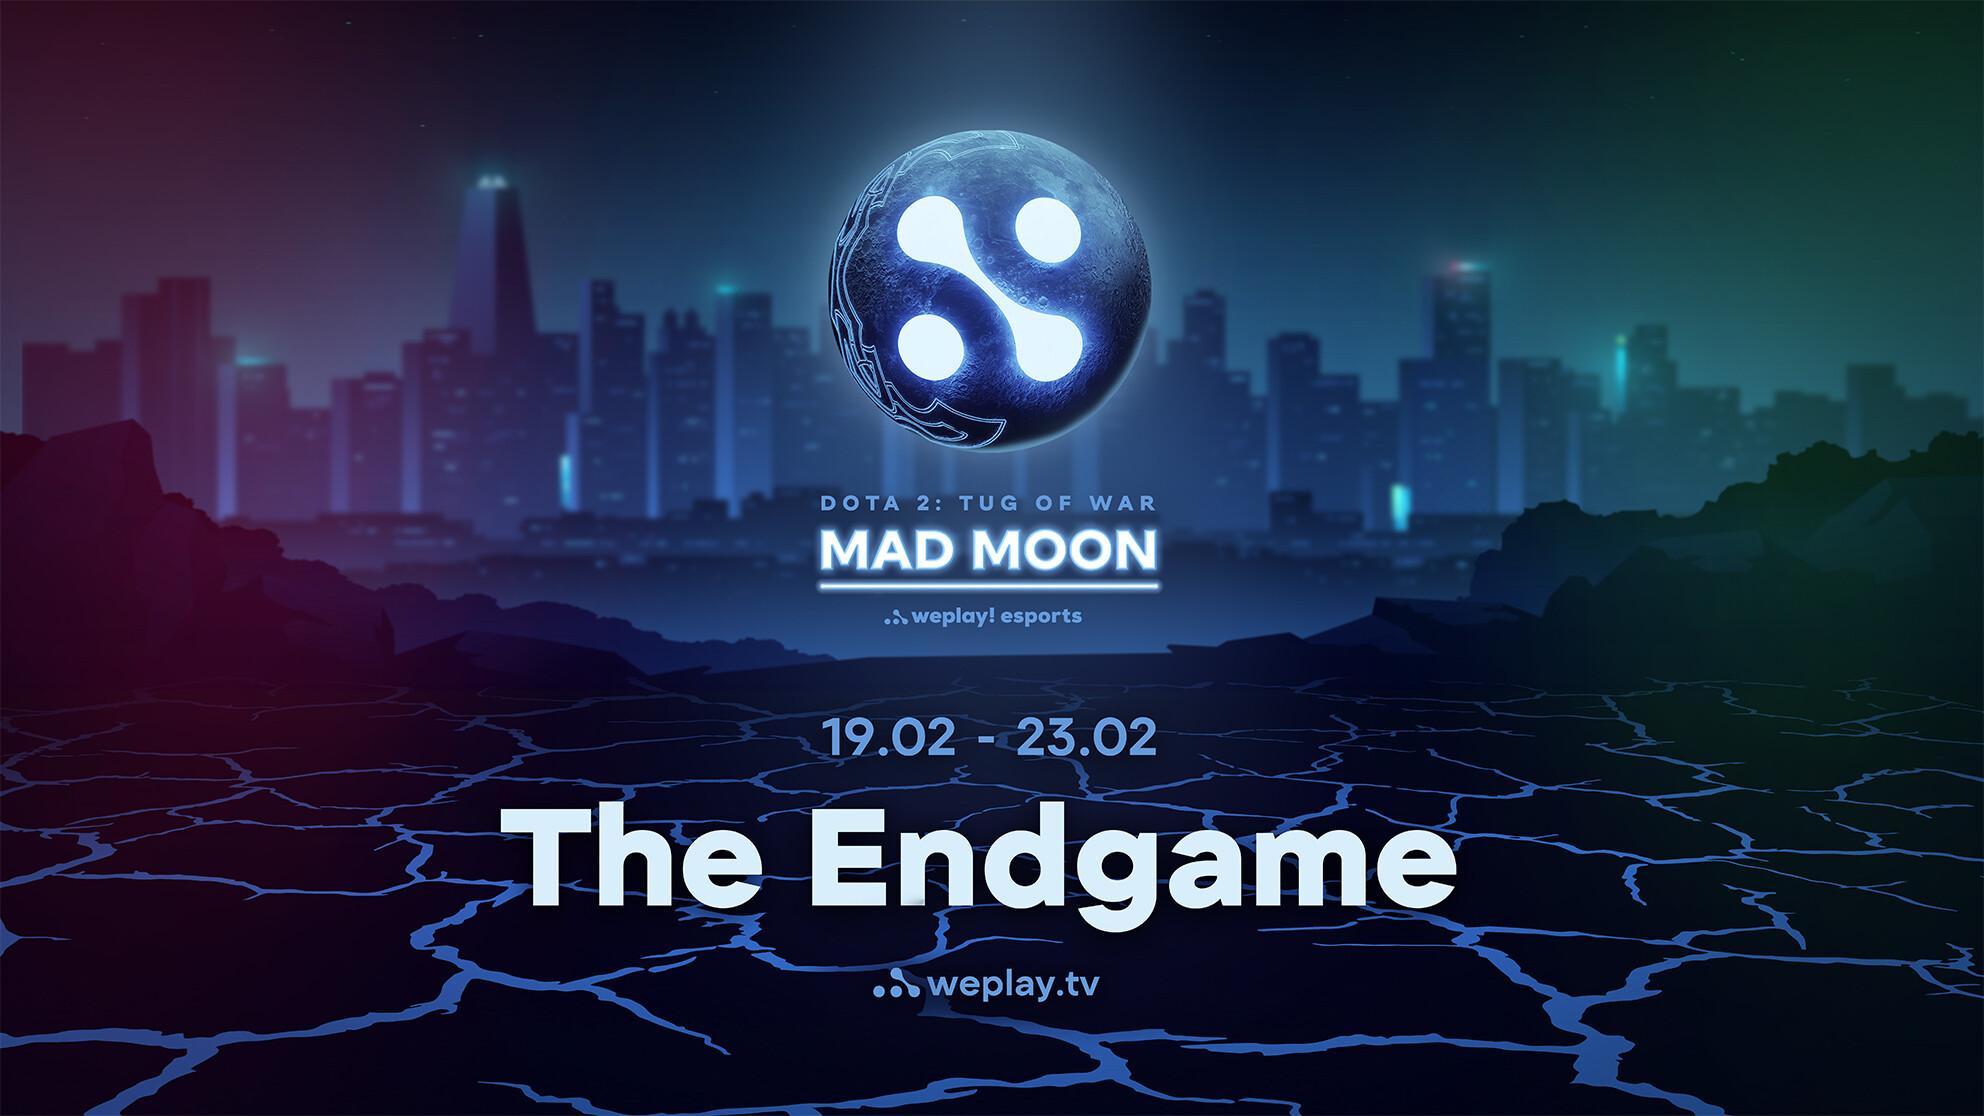 tug of war madmoon - Những giải đấu Dota 2 không thể bỏ lỡ trong tháng 2 năm 2020